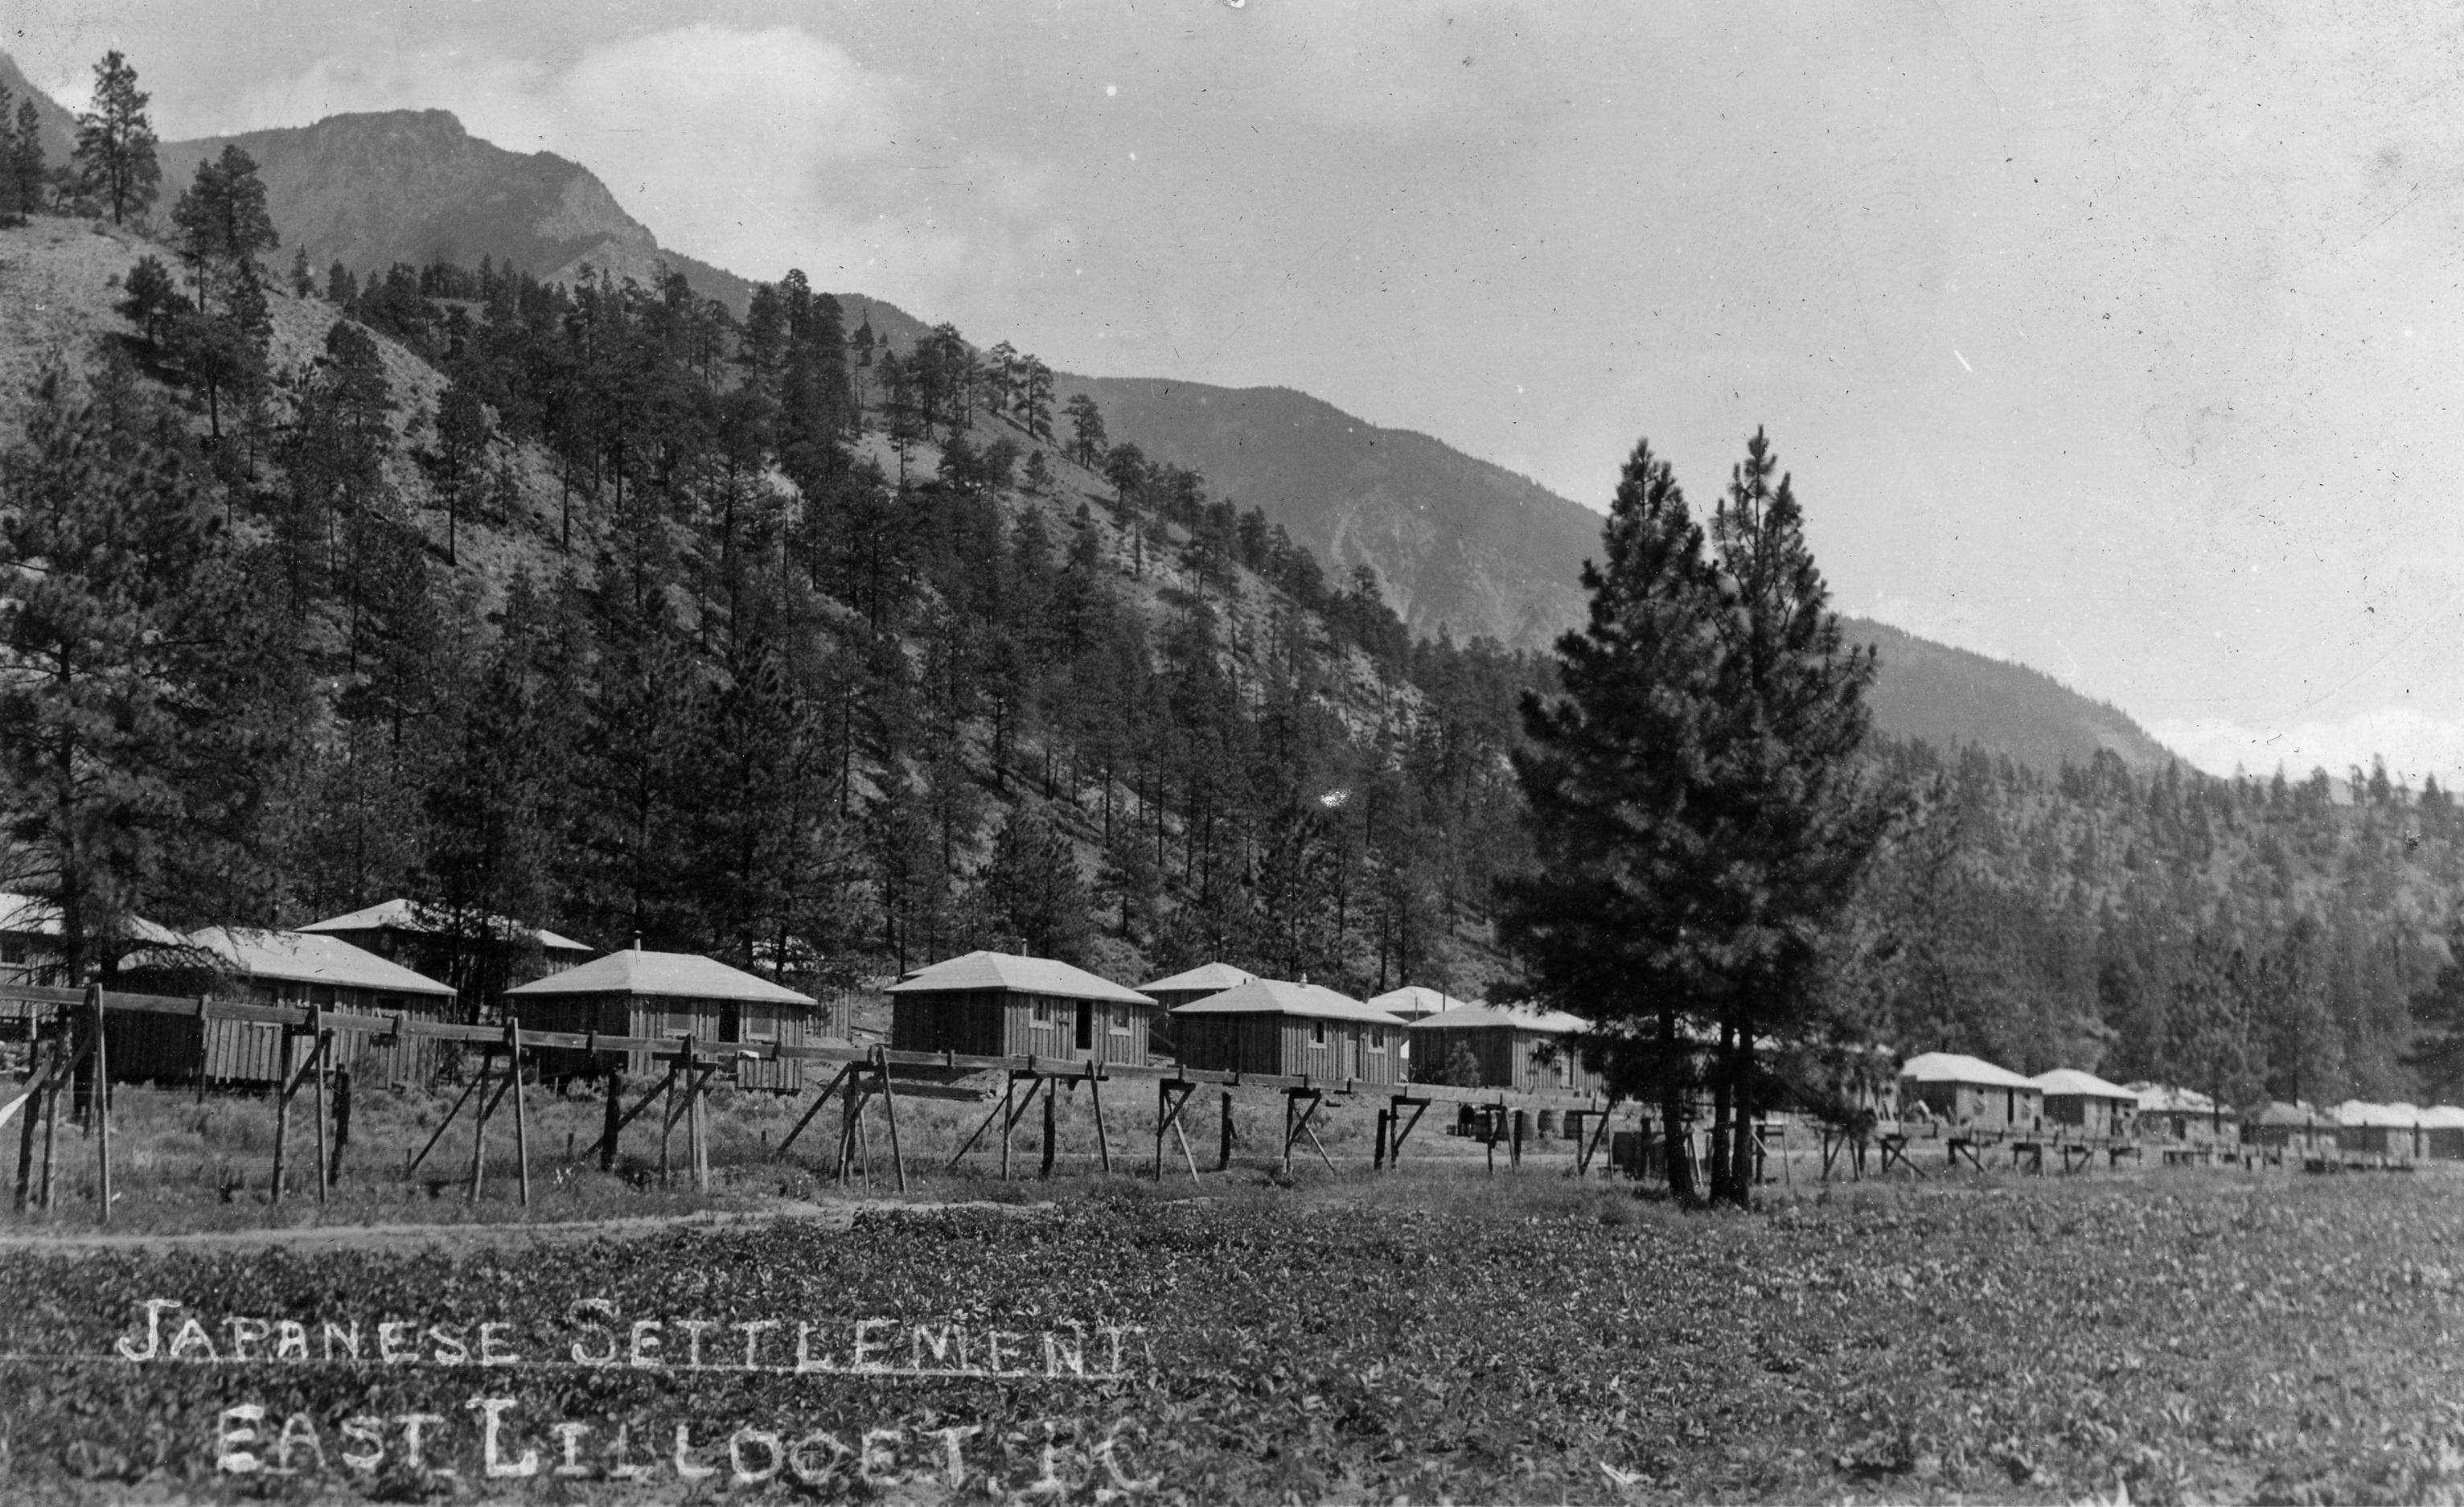 Camp japonais à East Lillooet, en Colombie Britannique